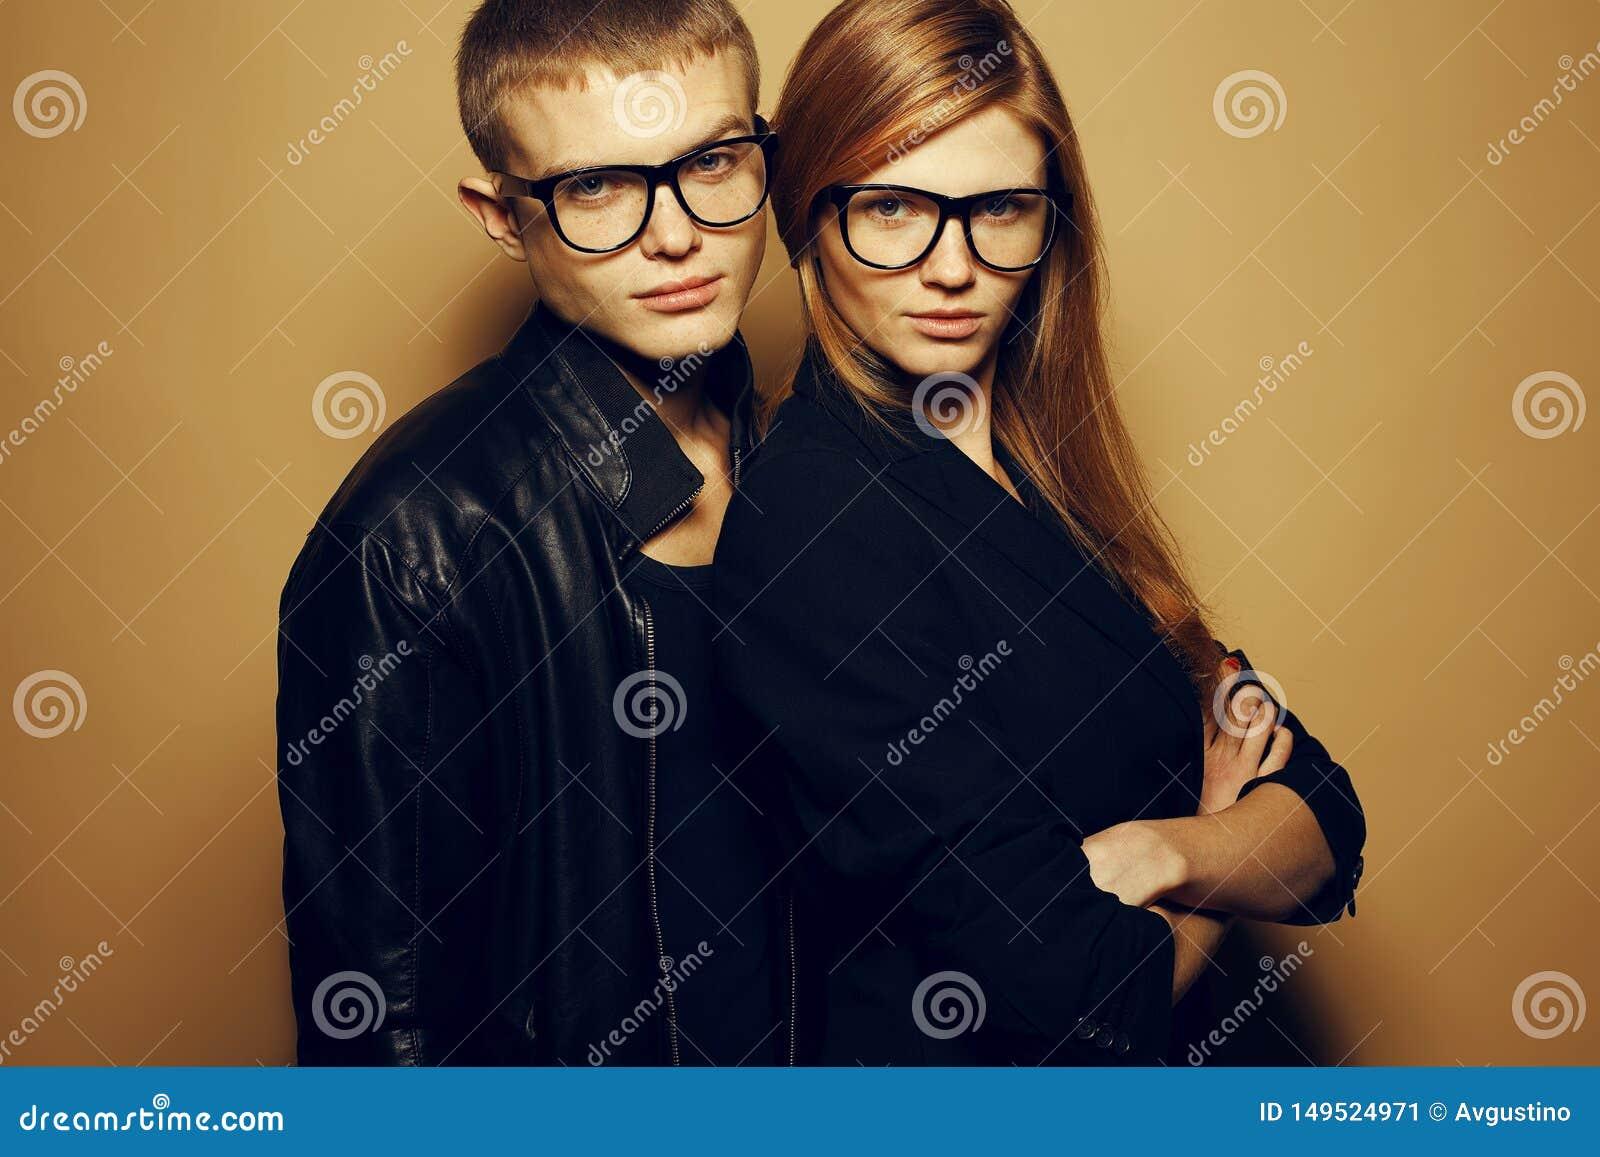 Retrato de los gemelos pelirrojos magníficos de la moda en la ropa negra que lleva los vidrios de moda y que presenta sobre fondo